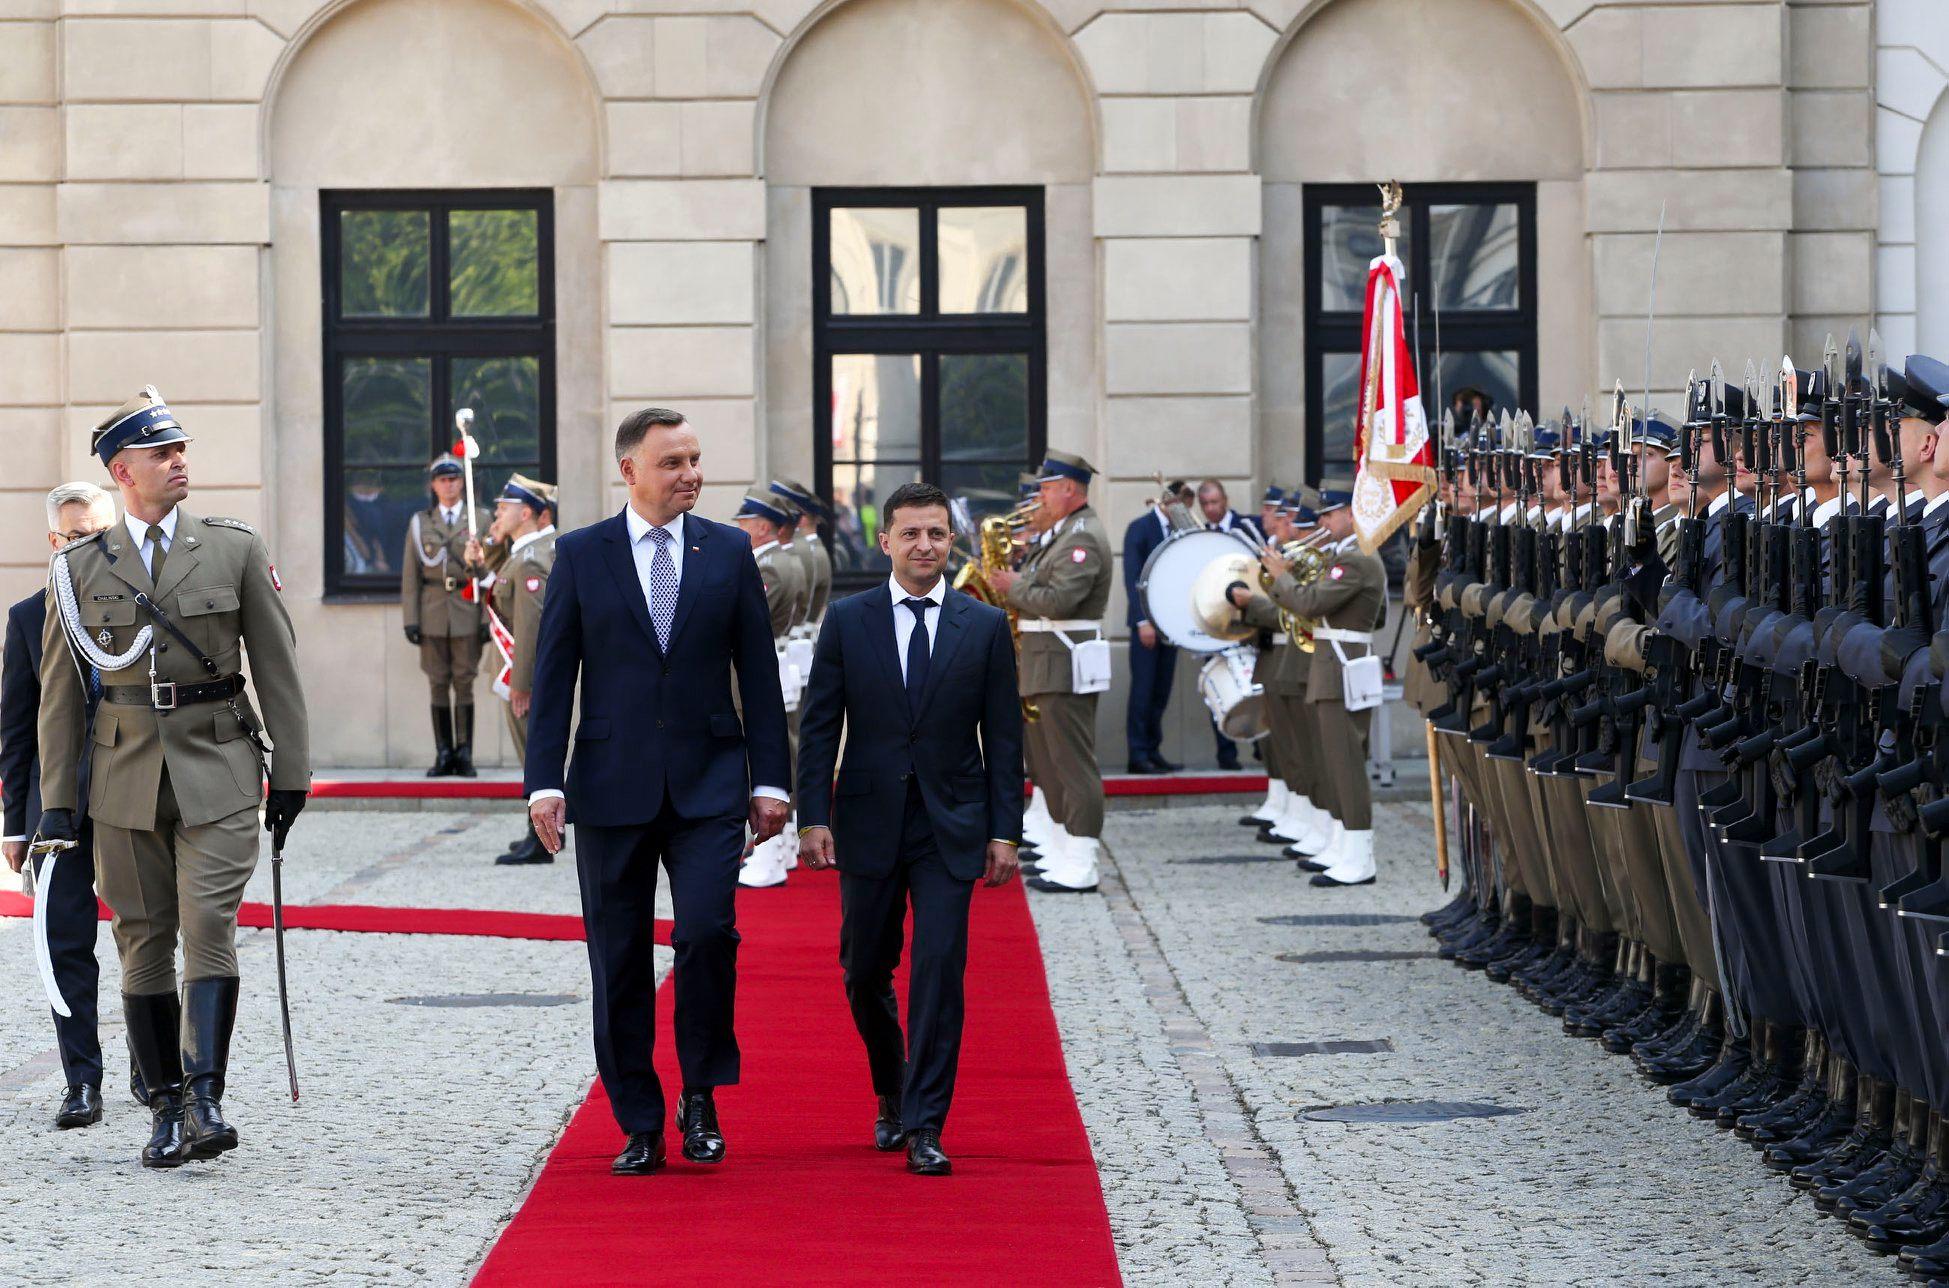 Зустріч Зеленського з Дудою ознаменувала початок шляху до вирішення конфліктних питань між країнами